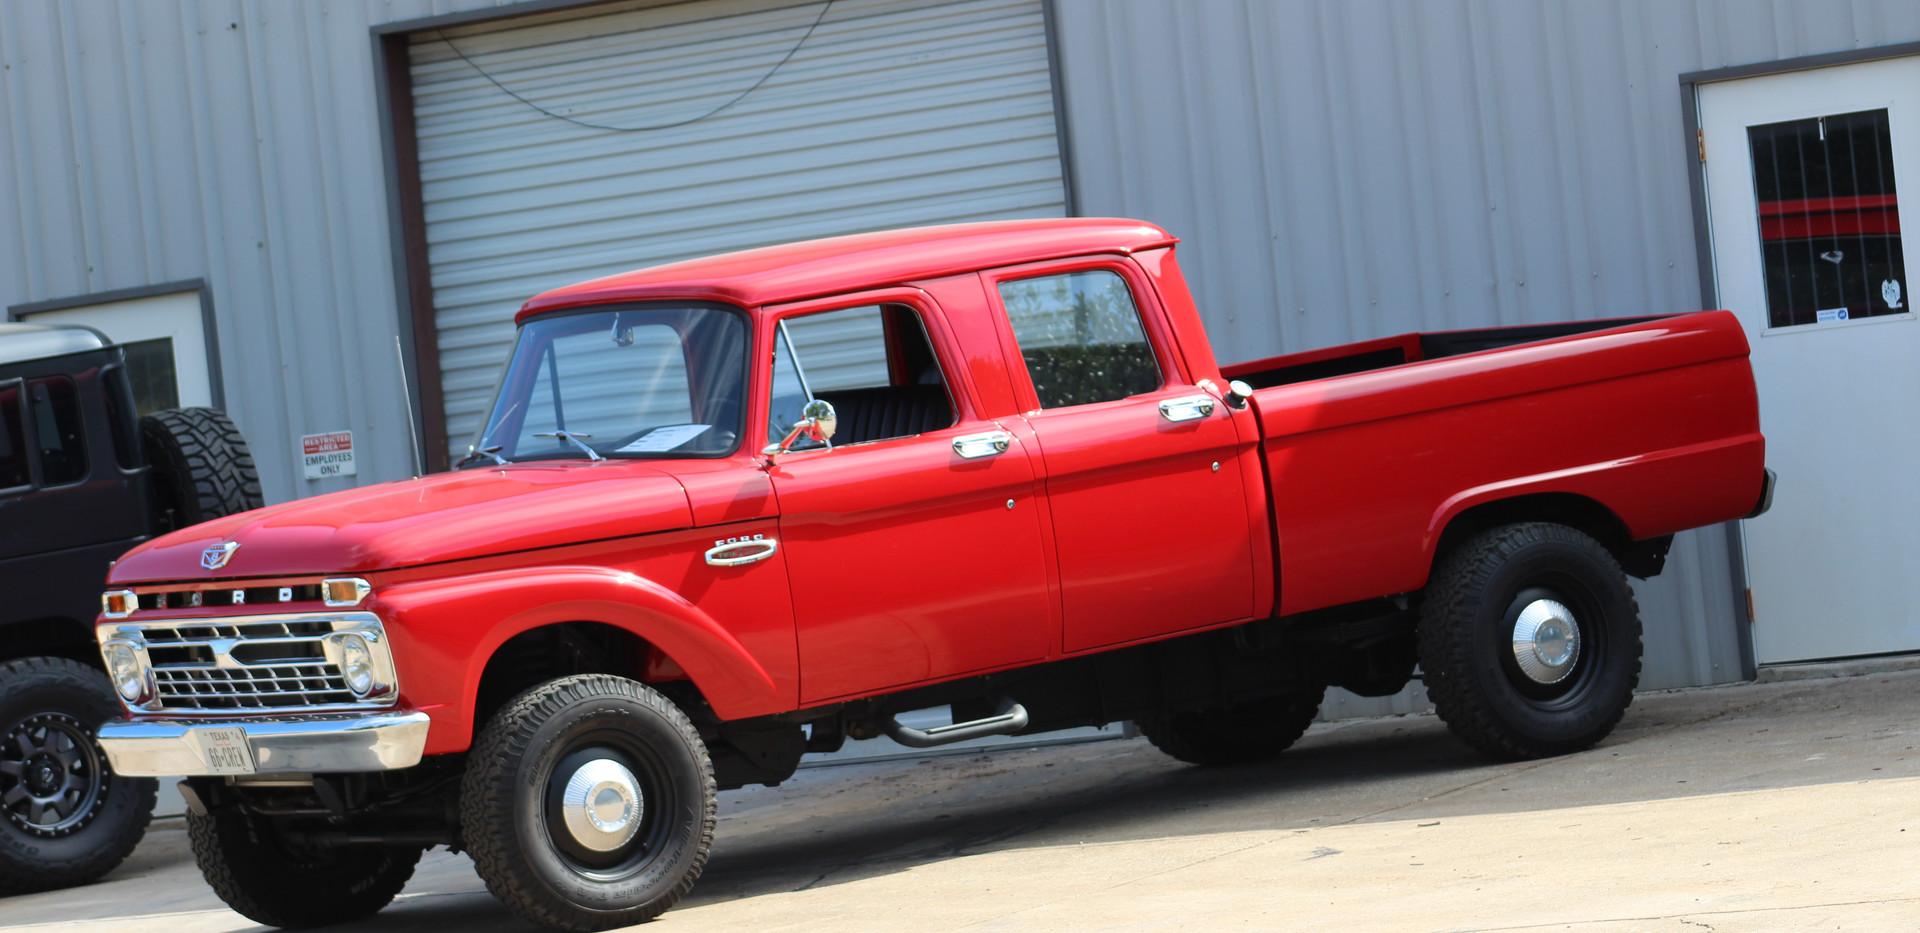 1966 Ford F250.JPG